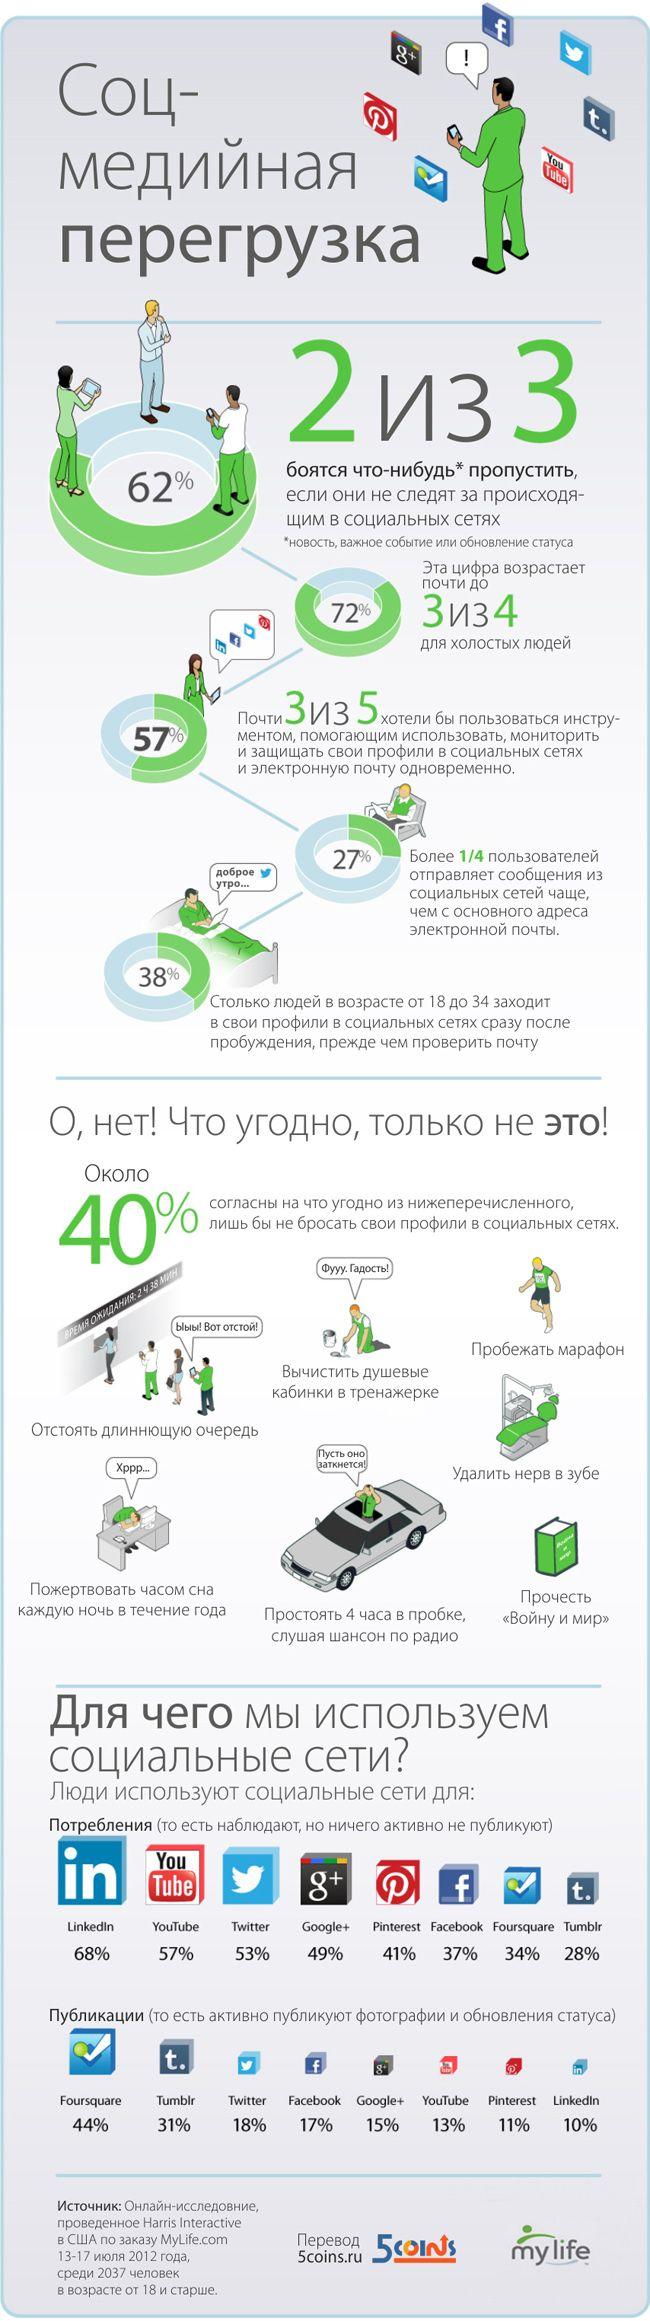 Инфографика: соц-медийная перегрузка